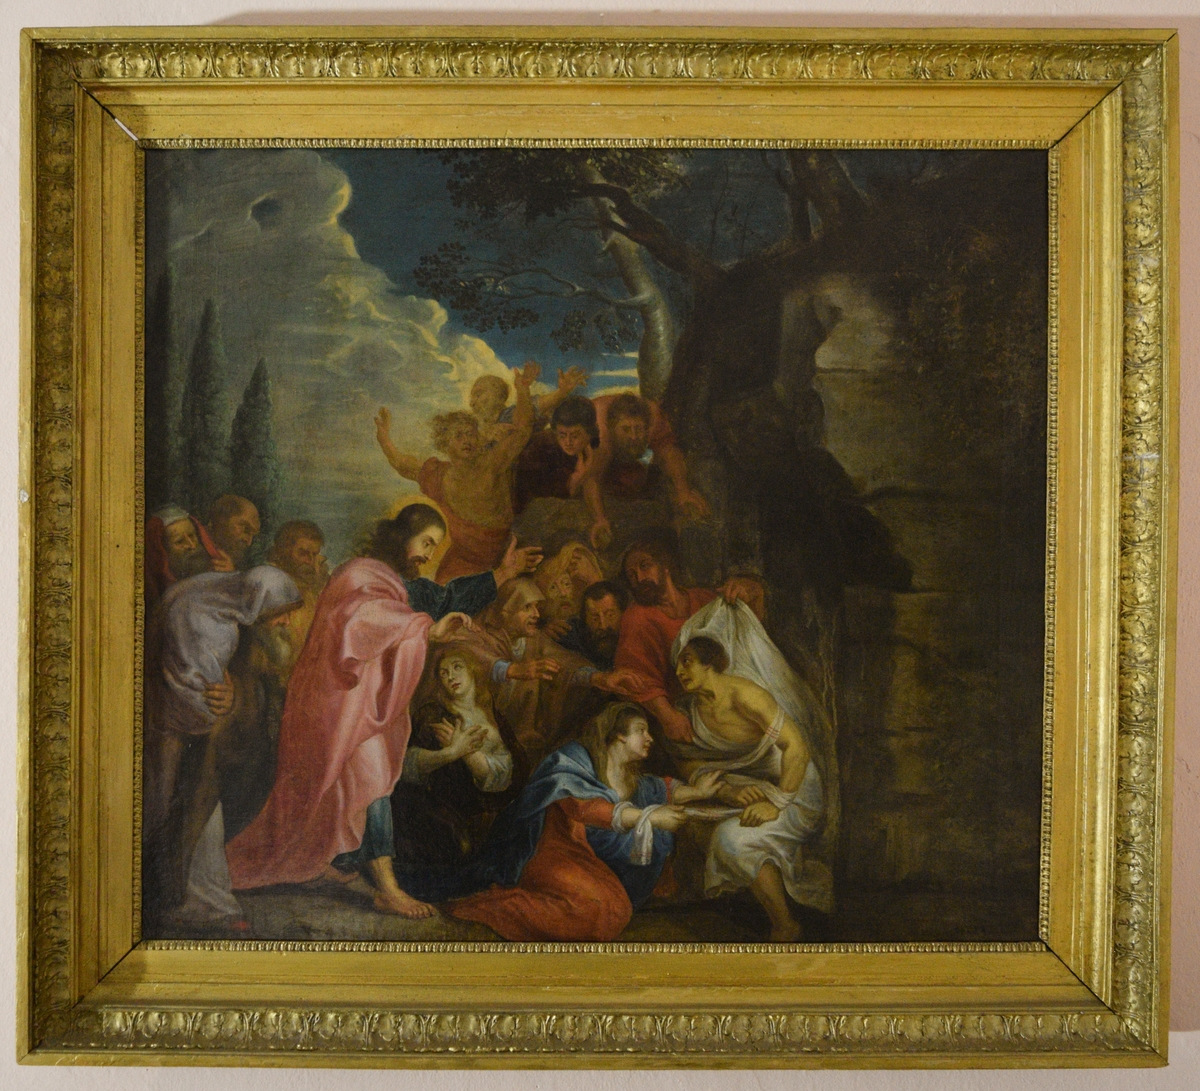 Bildet viser en scene preget av dramatisk bevegelse. En mann i lys rød kappe, Kristus, kommer inn fra venstre. Han skritter ut mot en sittende mann svøpt i hvitt, Lasarus, En mann med skjegg har nettopp avdekket Lasarus' ansikt, og en kvinne med blå kappe ligger på kne foran ham. Scenen foregår utenfor åpningen til en grav. Maleriet illustrerer med andre ord Lasarus oppvekkelse (Joh. 11).